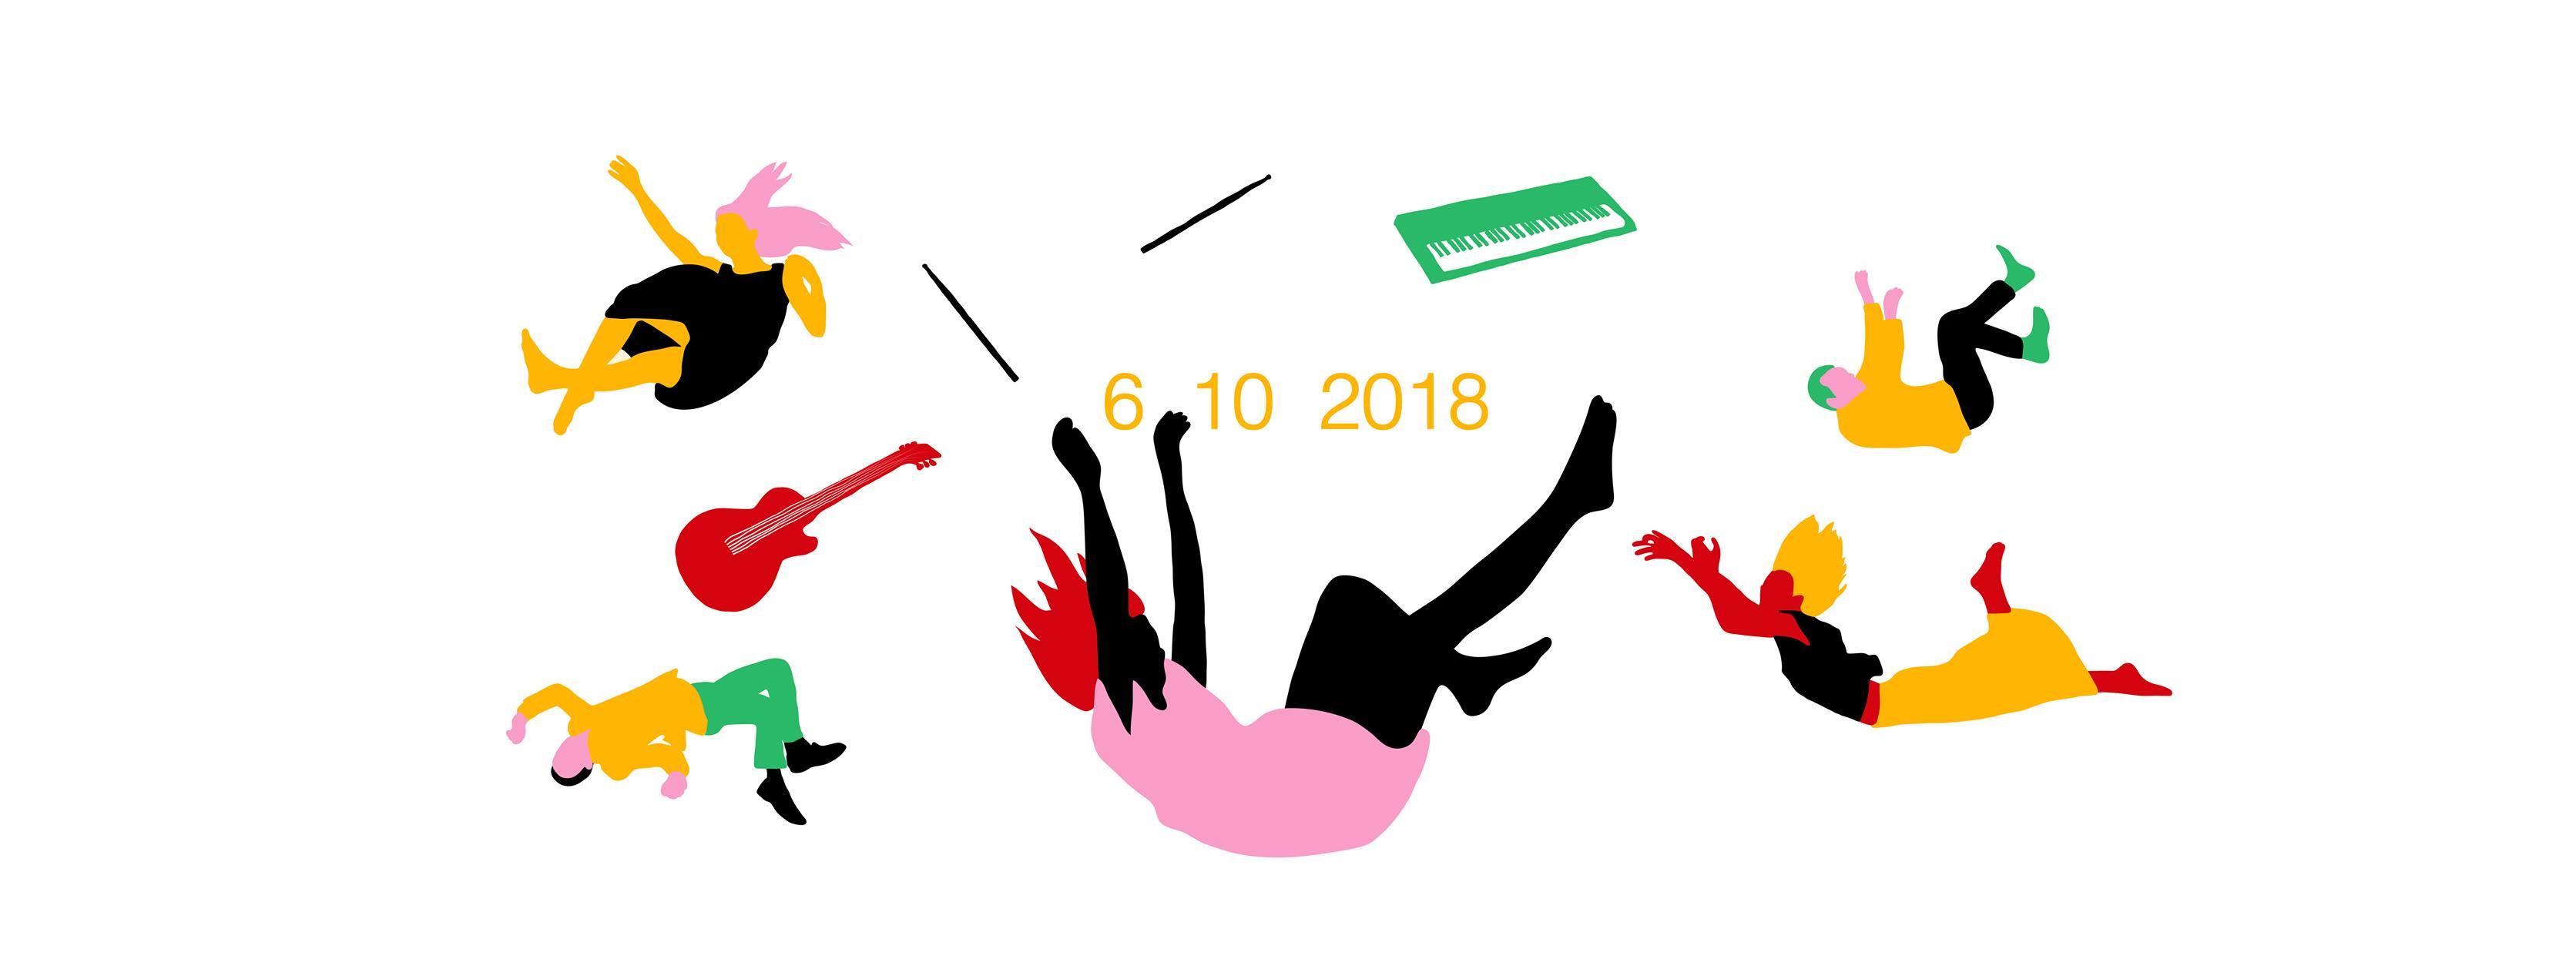 Así queda el cartel completo del Ruidismo 2018